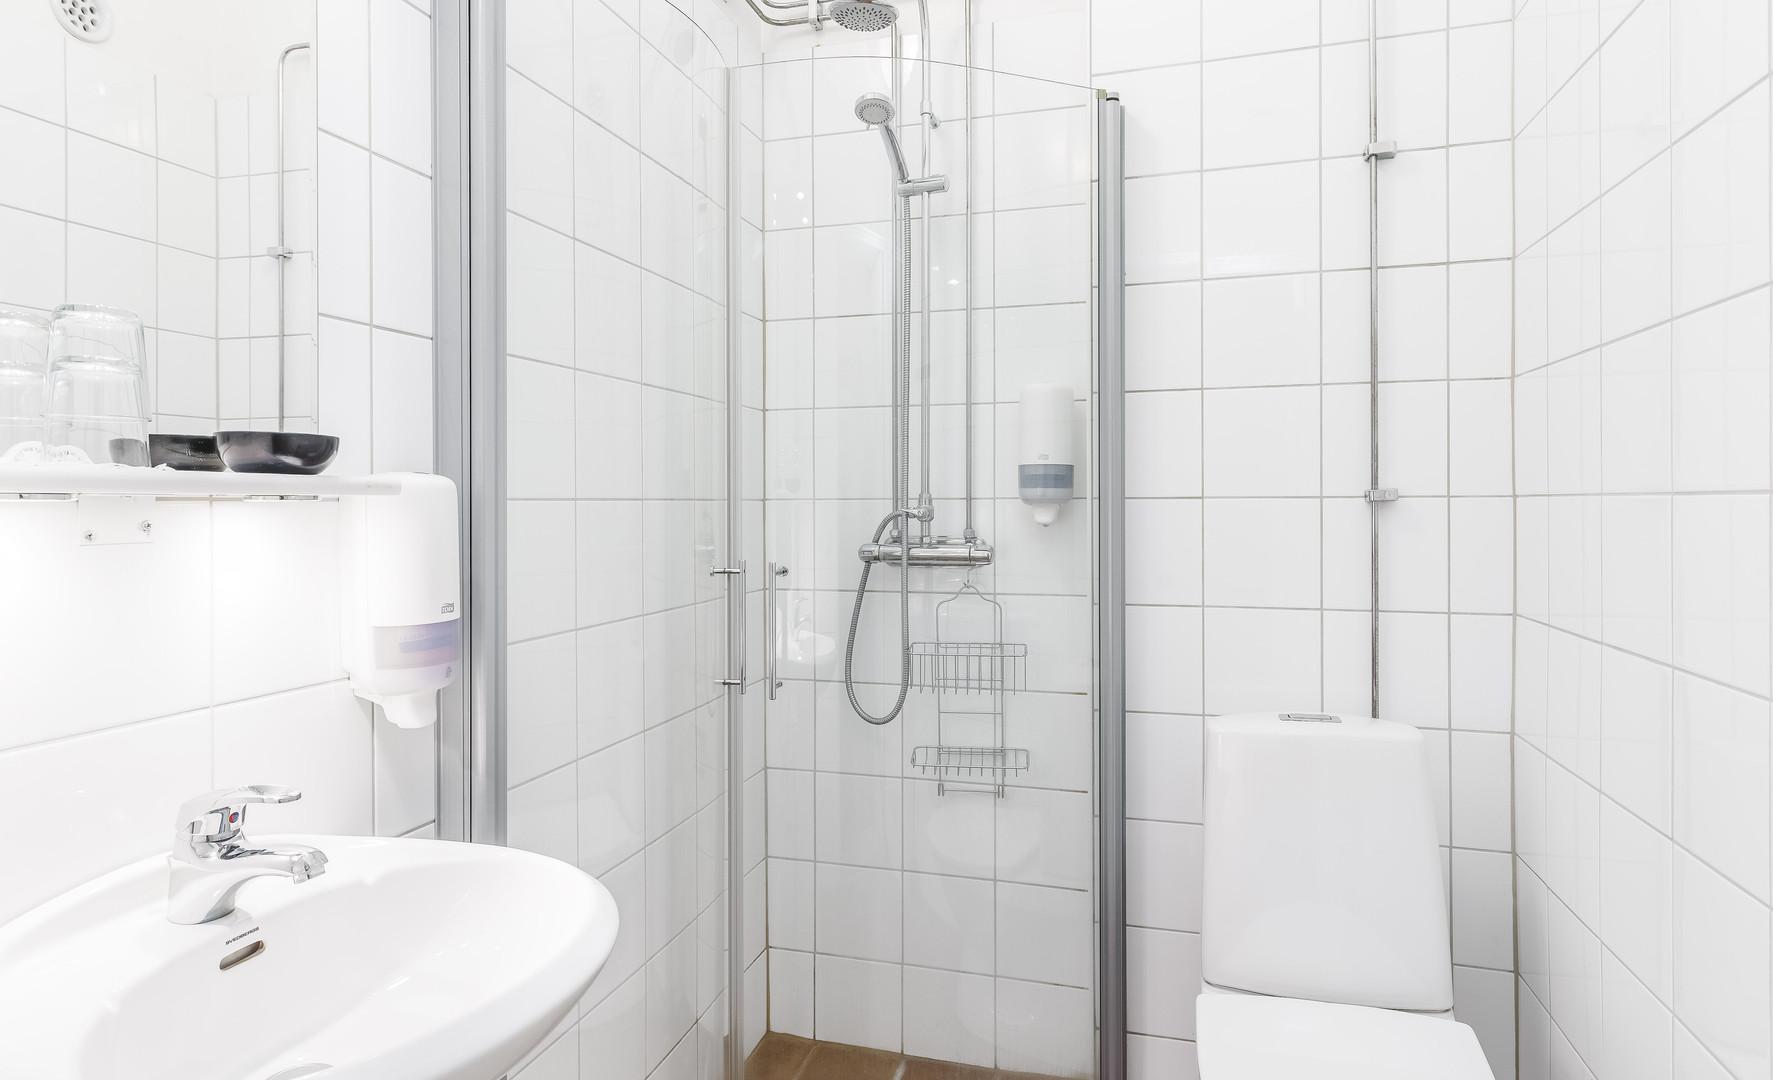 Cell dusch och toalett